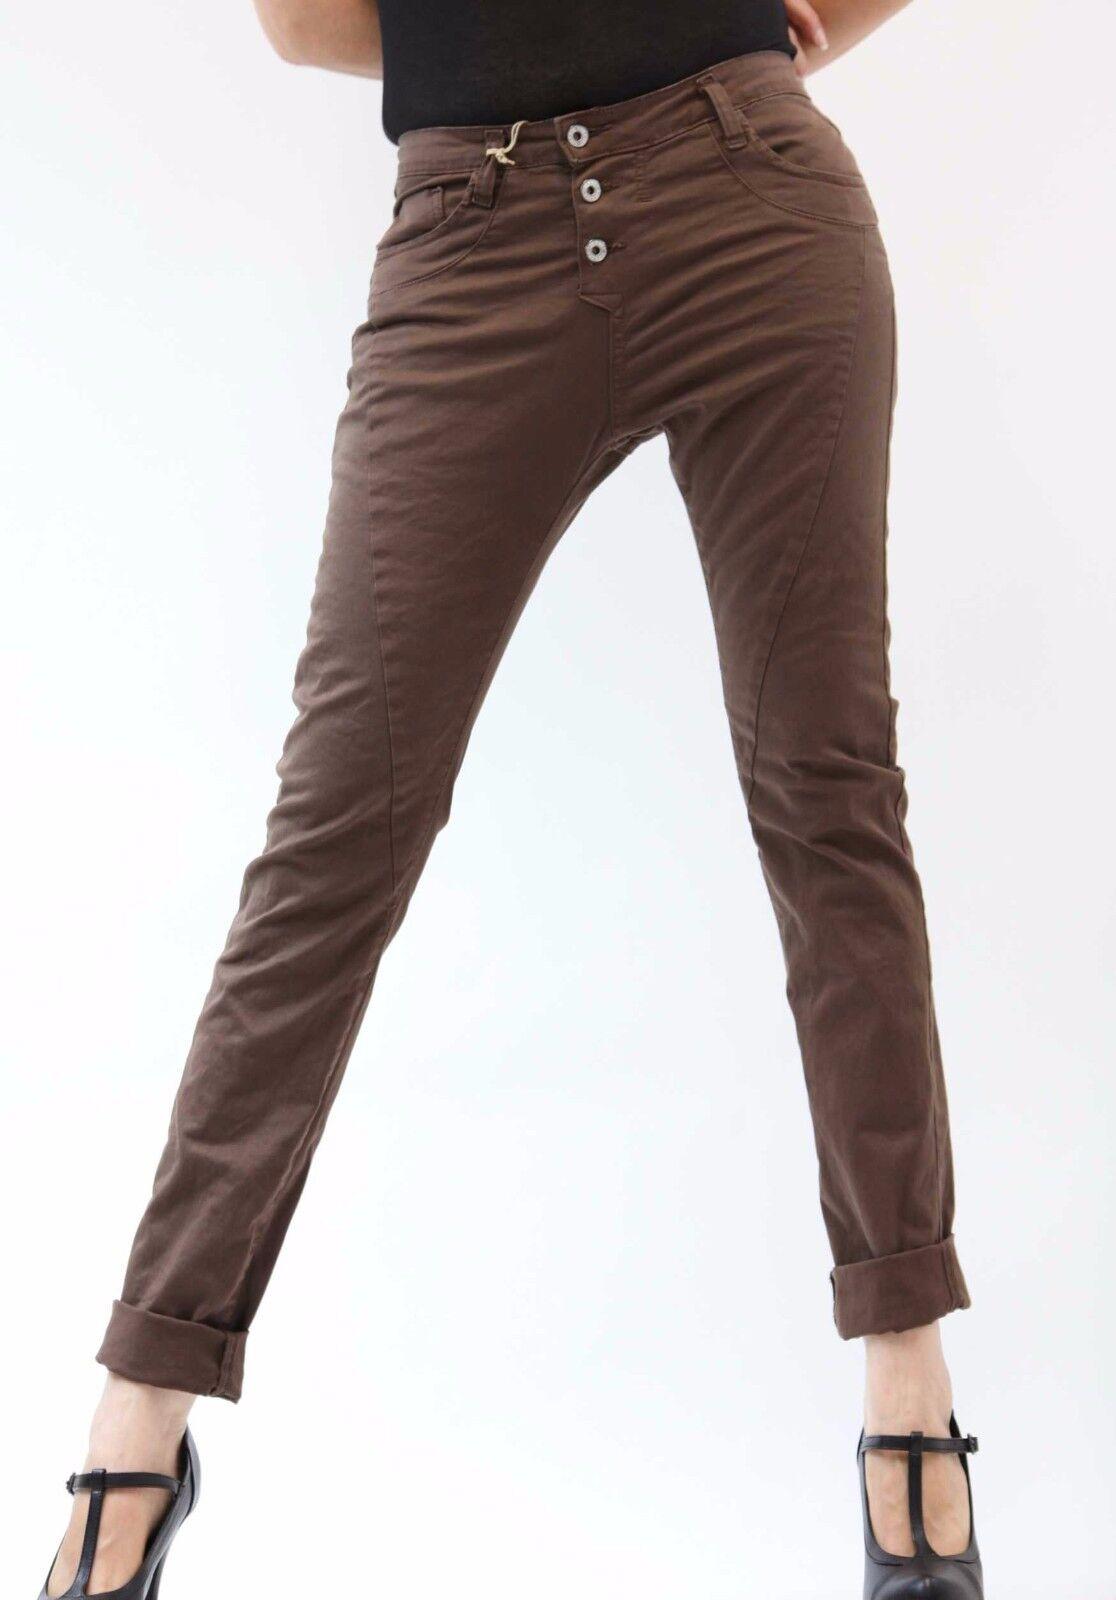 PLEASE Jeans P78 Schokoladen Boyfriend Frau 3 Knöpfe Woman Made in  Damen